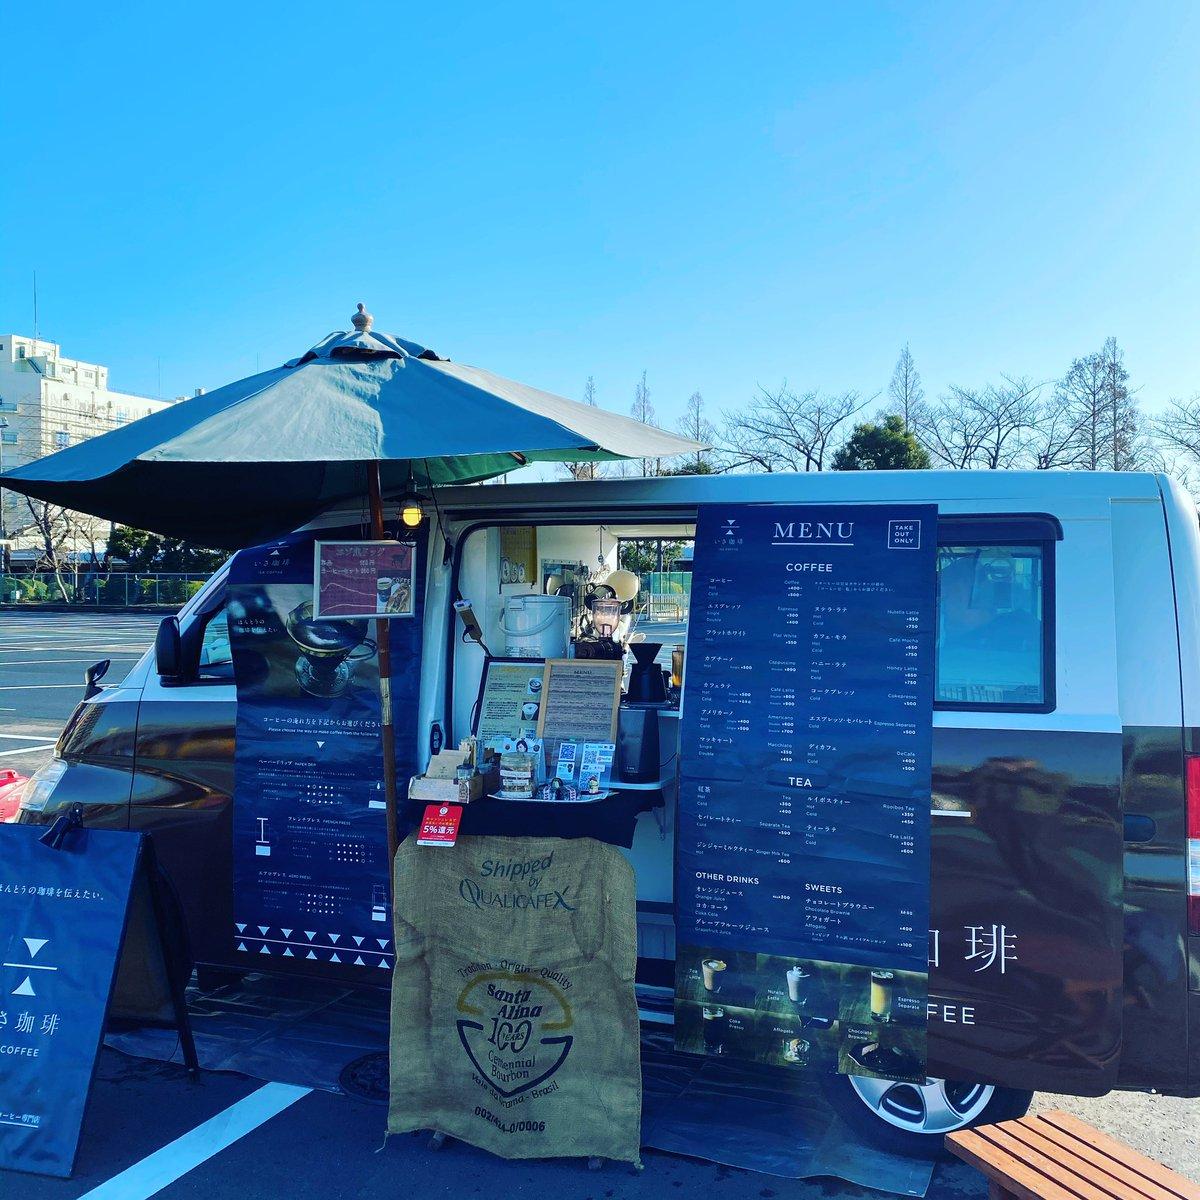 今日はスッキリ晴れました。今のところ風もそれほど強くなくて予報より少し暖かいです。 ご来場お待ちしてます。 営業時間8:30〜14:30 営業場所:品川区勝島2-1-2  #コーヒー #coffee #specialtycoffee #移動販売 #mobilecafe #noplastic #nolidnostraw #エゾ鹿ドッグpic.twitter.com/W4L5HUlVB6